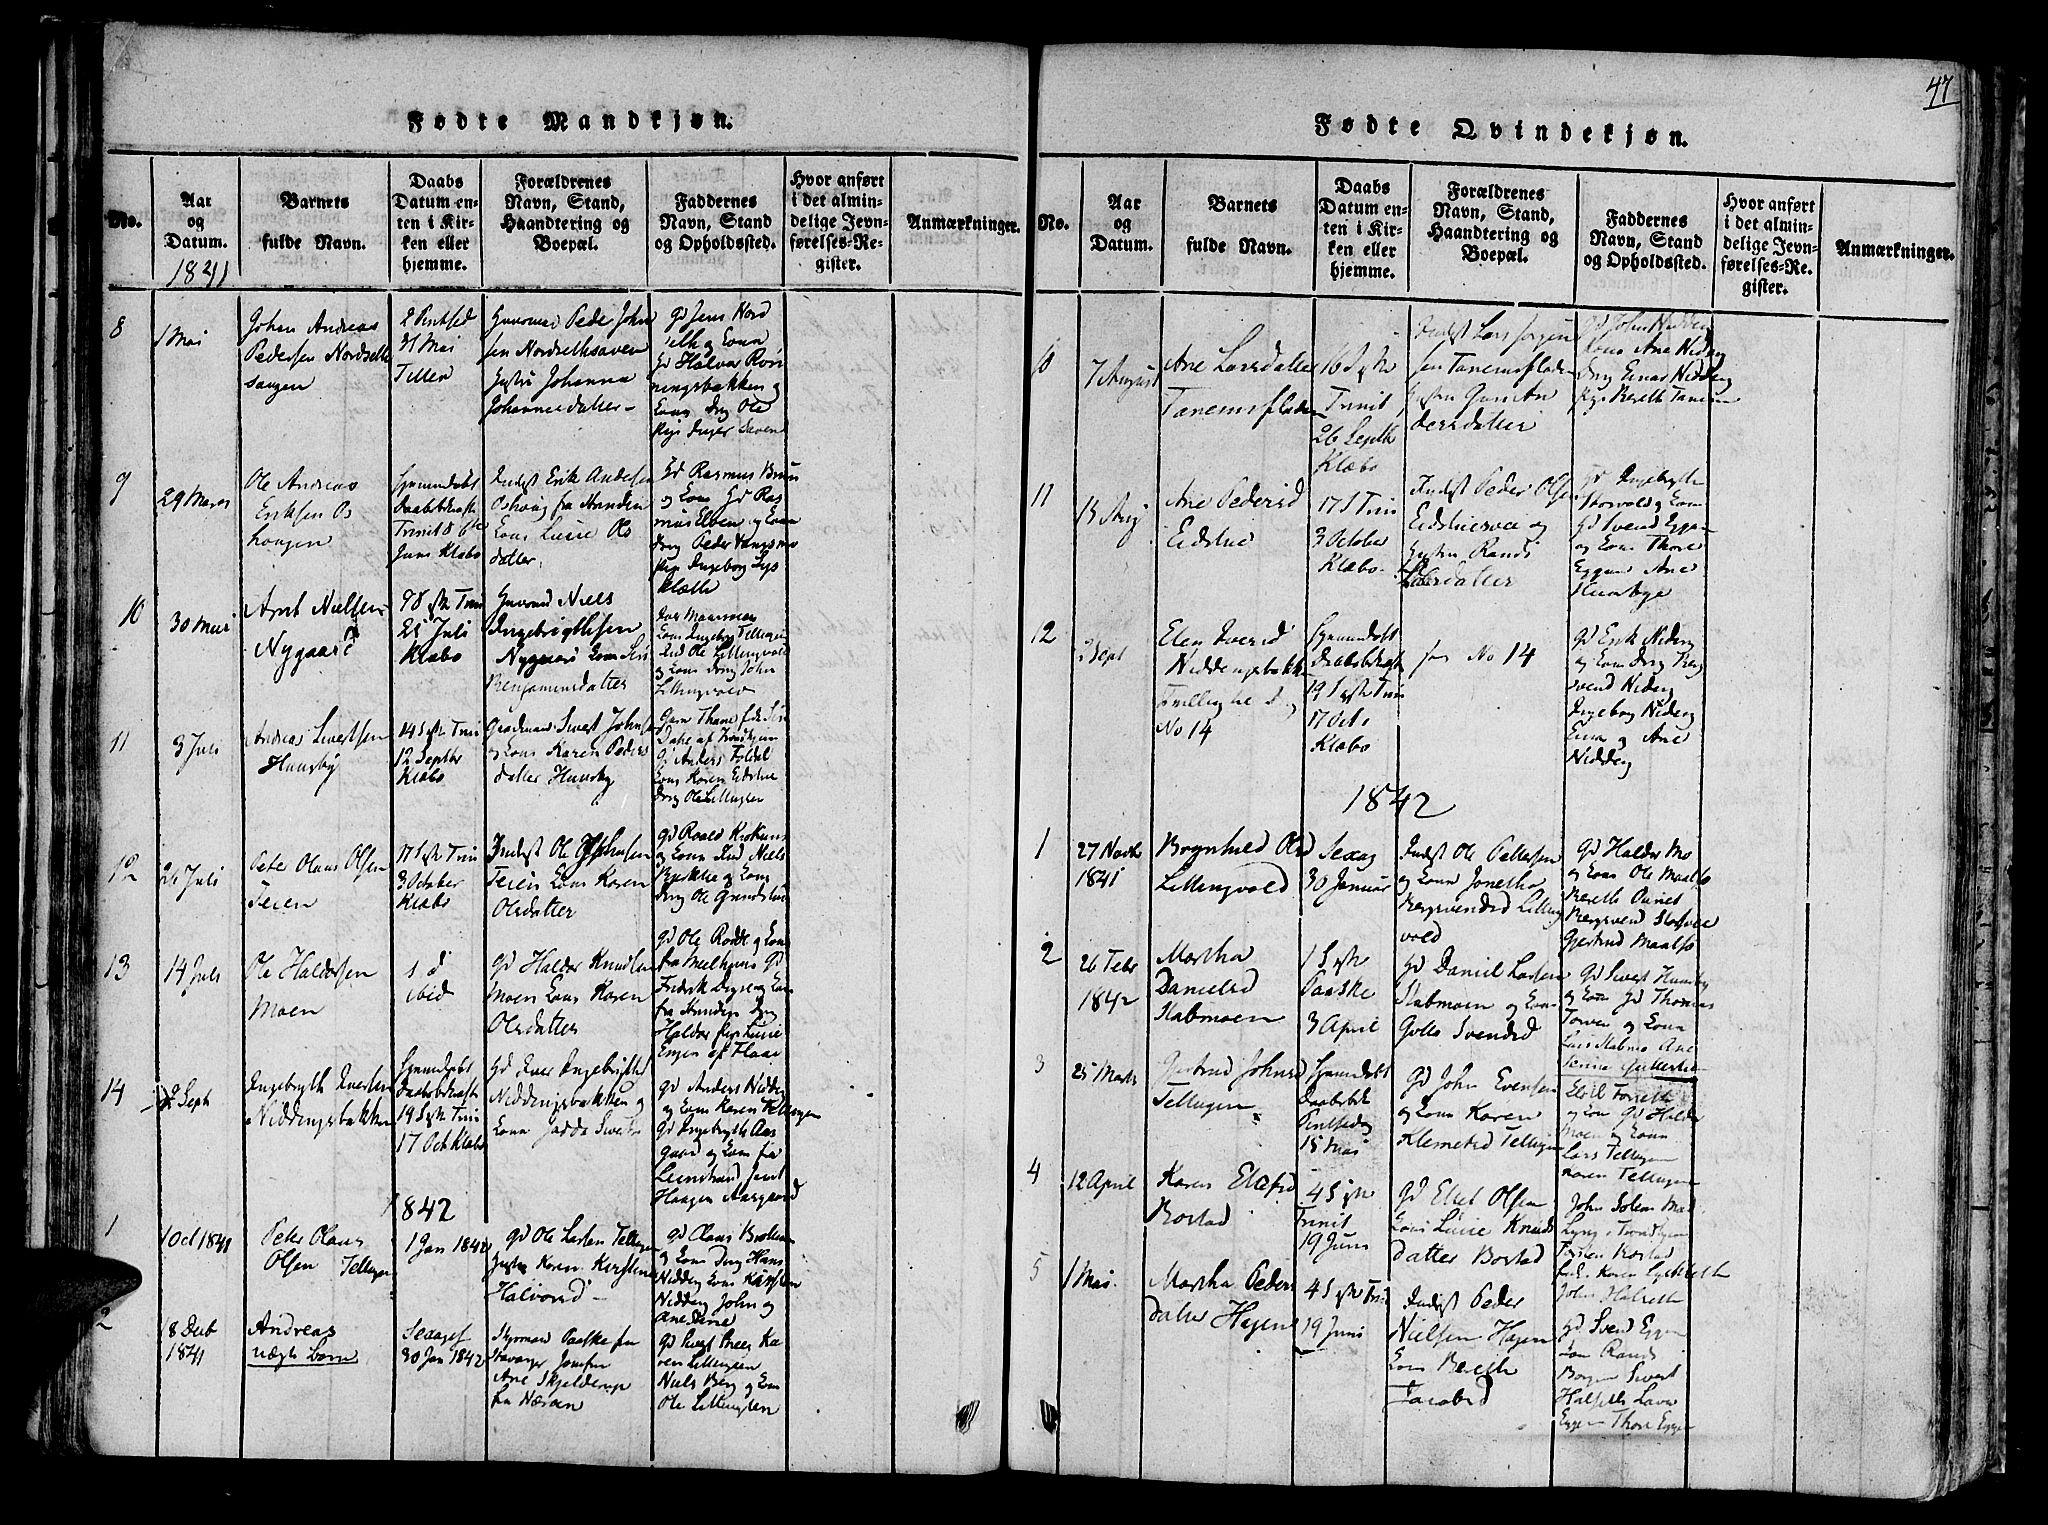 SAT, Ministerialprotokoller, klokkerbøker og fødselsregistre - Sør-Trøndelag, 618/L0439: Ministerialbok nr. 618A04 /1, 1816-1843, s. 47